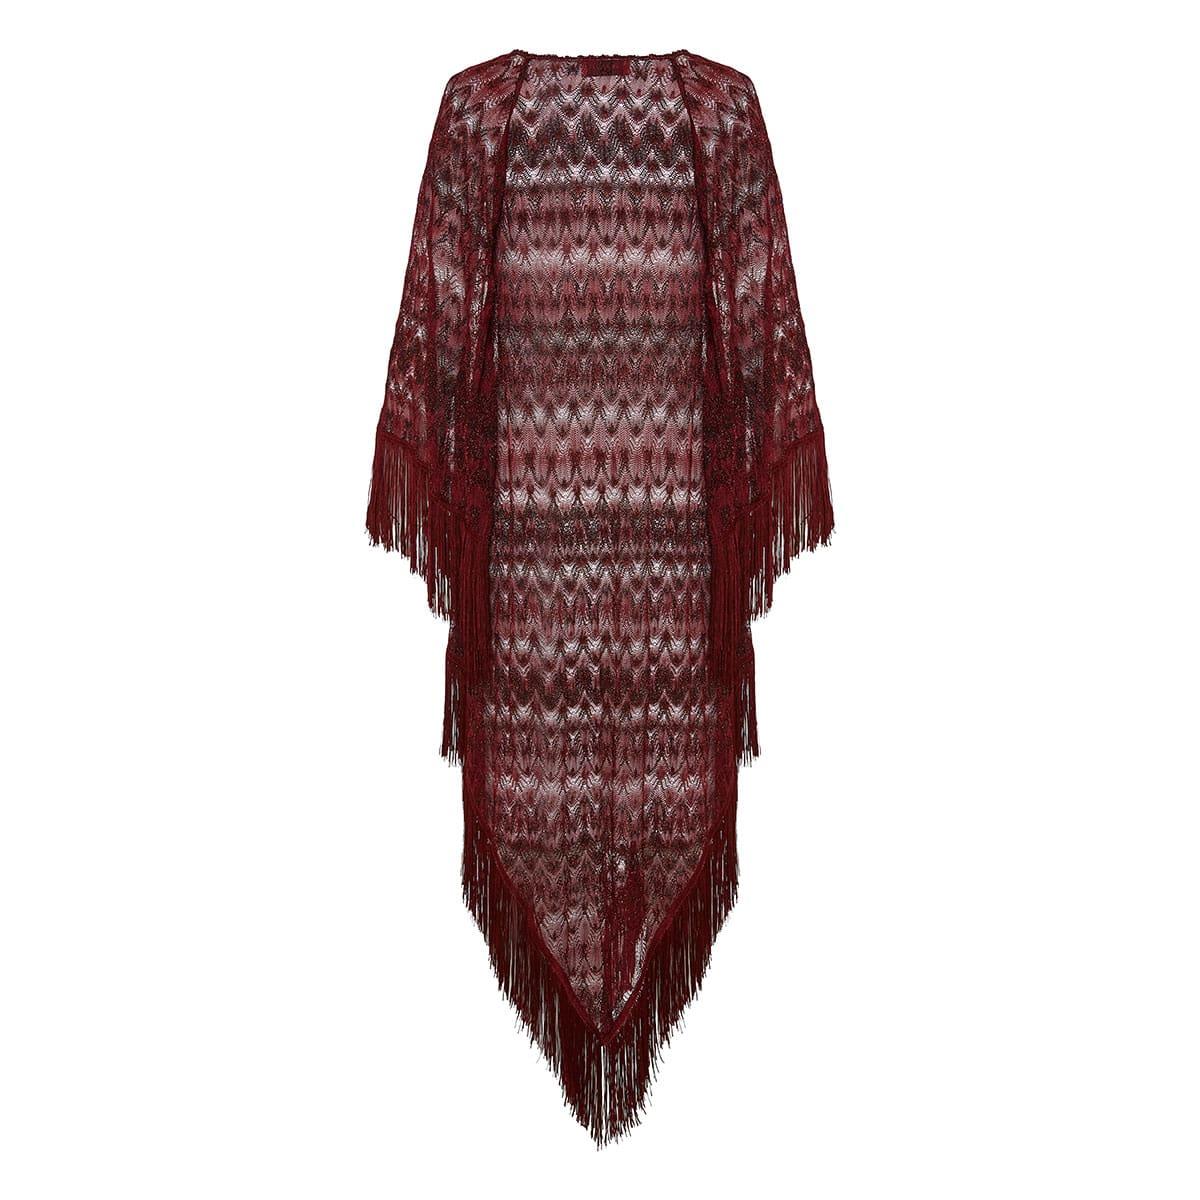 Crochet-knitted fringed kaftan dress